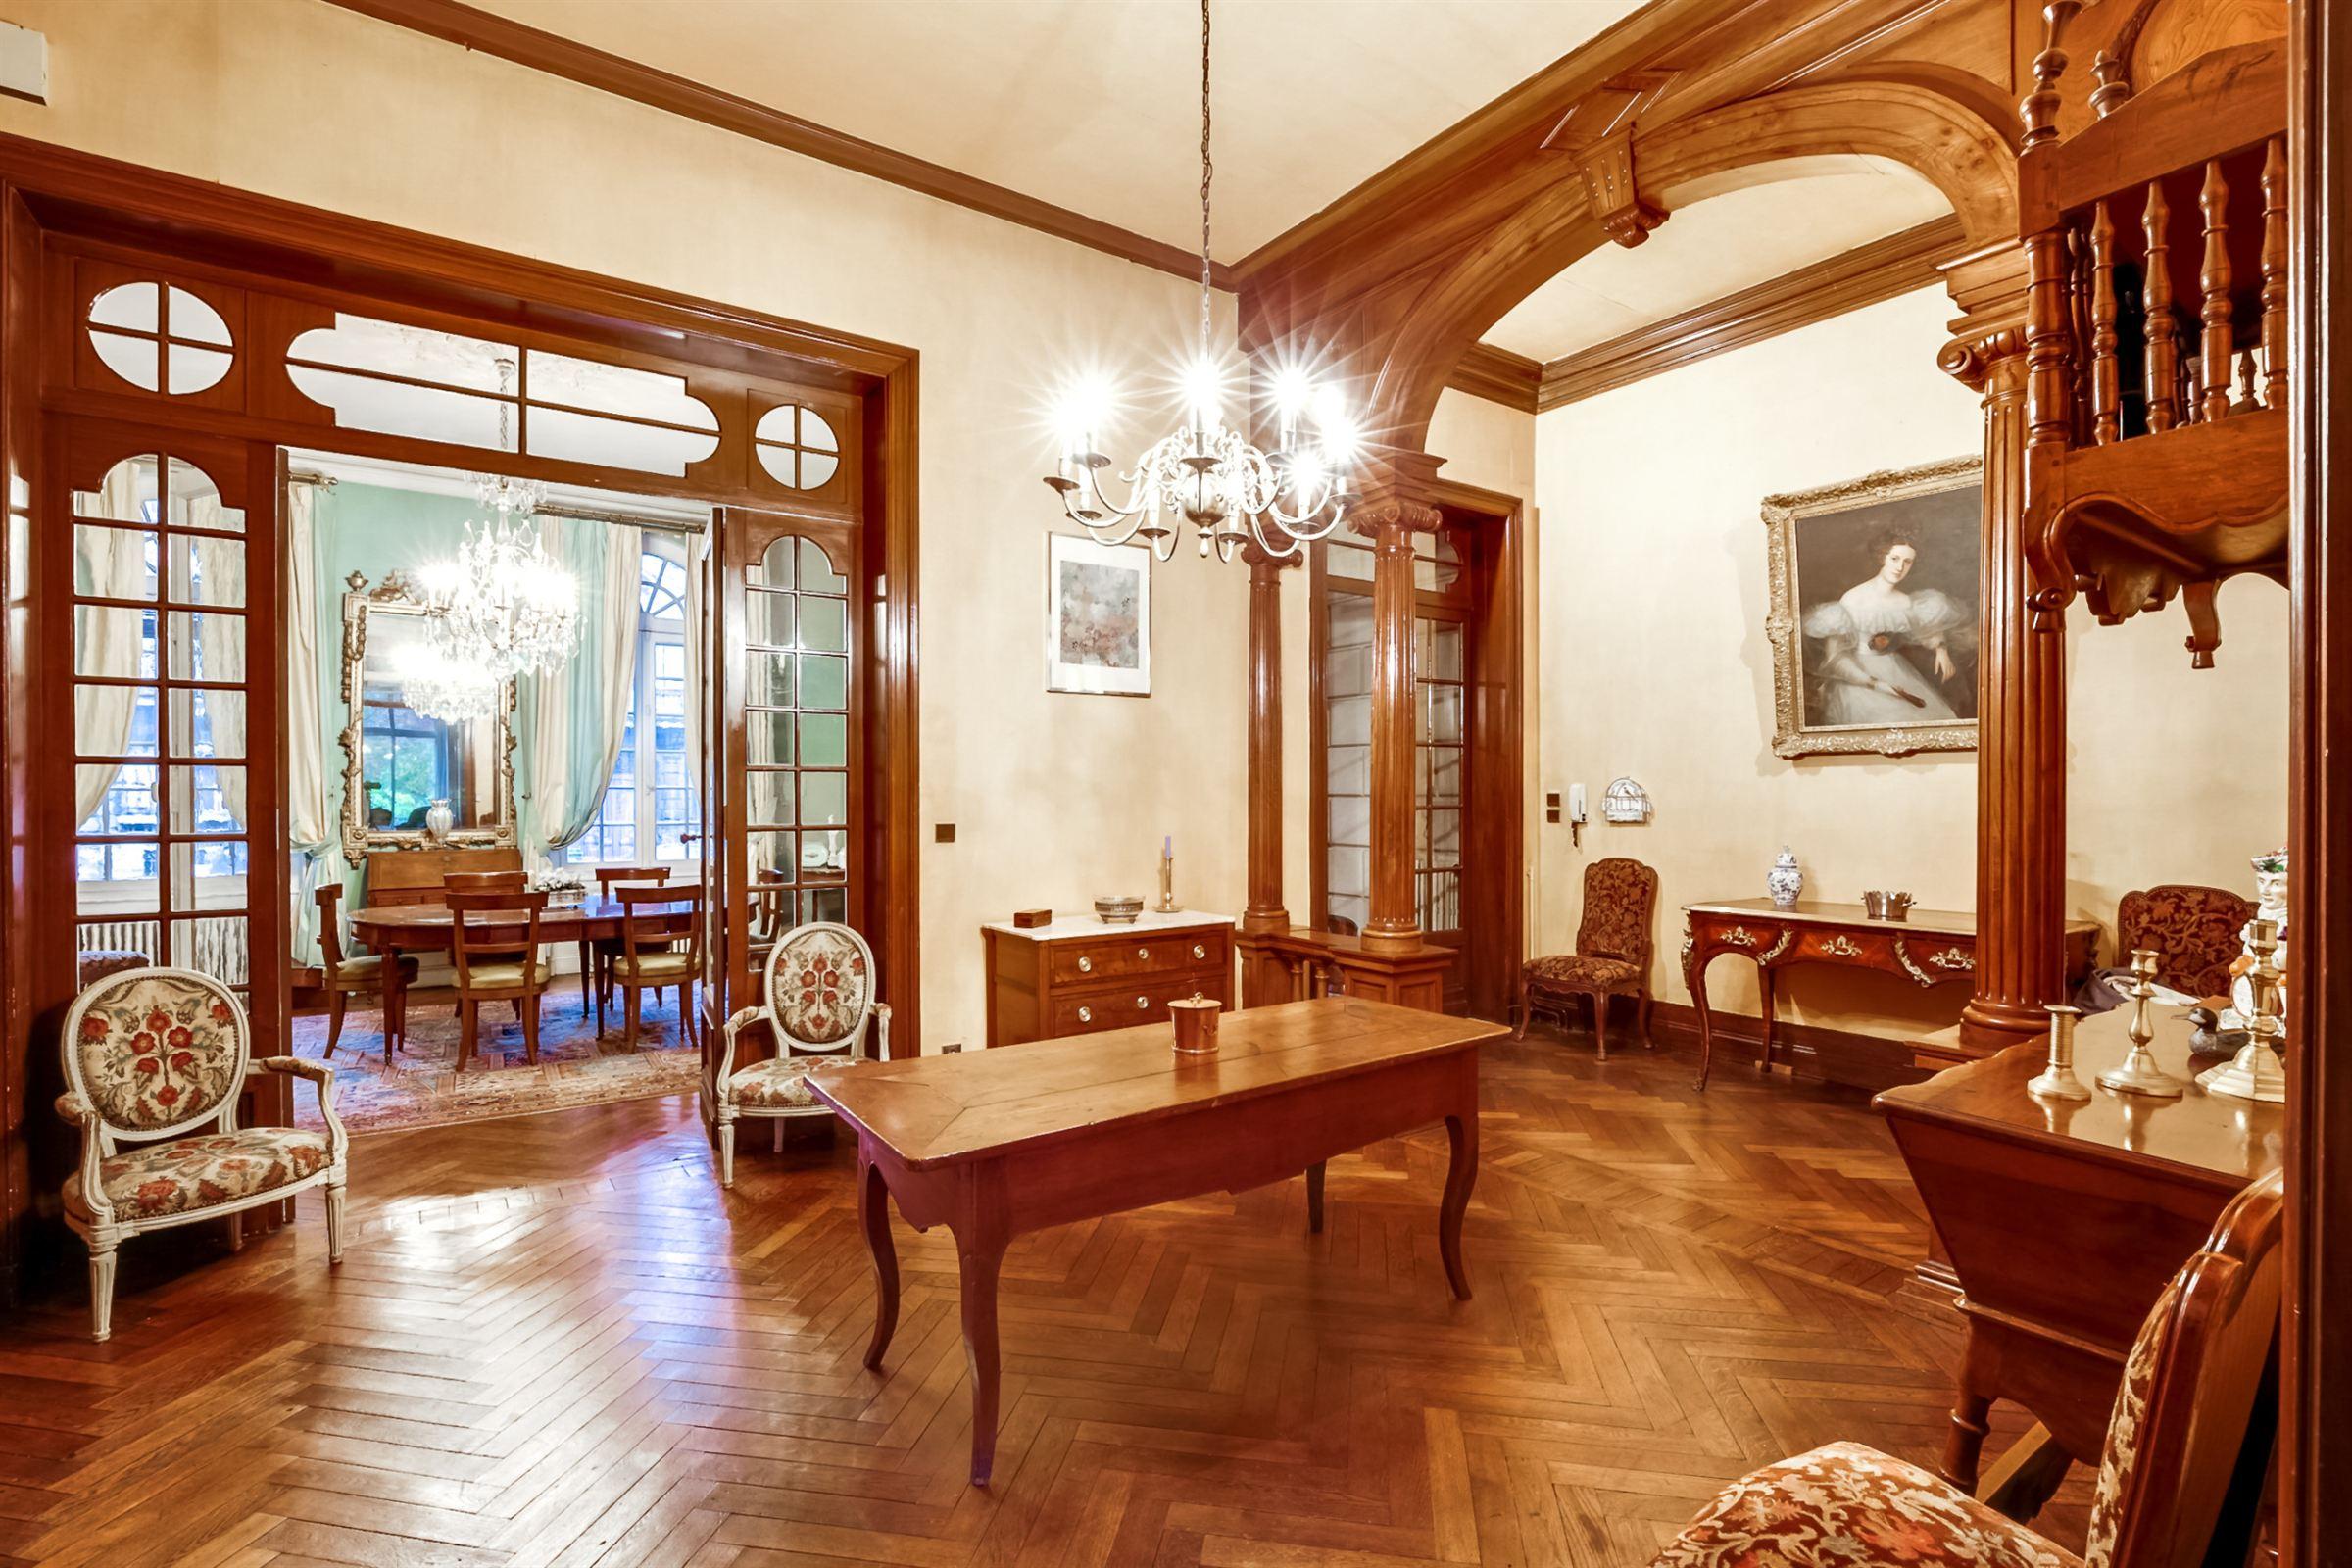 一戸建て のために 売買 アット BORDEAUX CAUDERAN SPLENDID PRIVATE STONE TOWNHOUSE Bordeaux, アキテーヌ, 33200 フランス